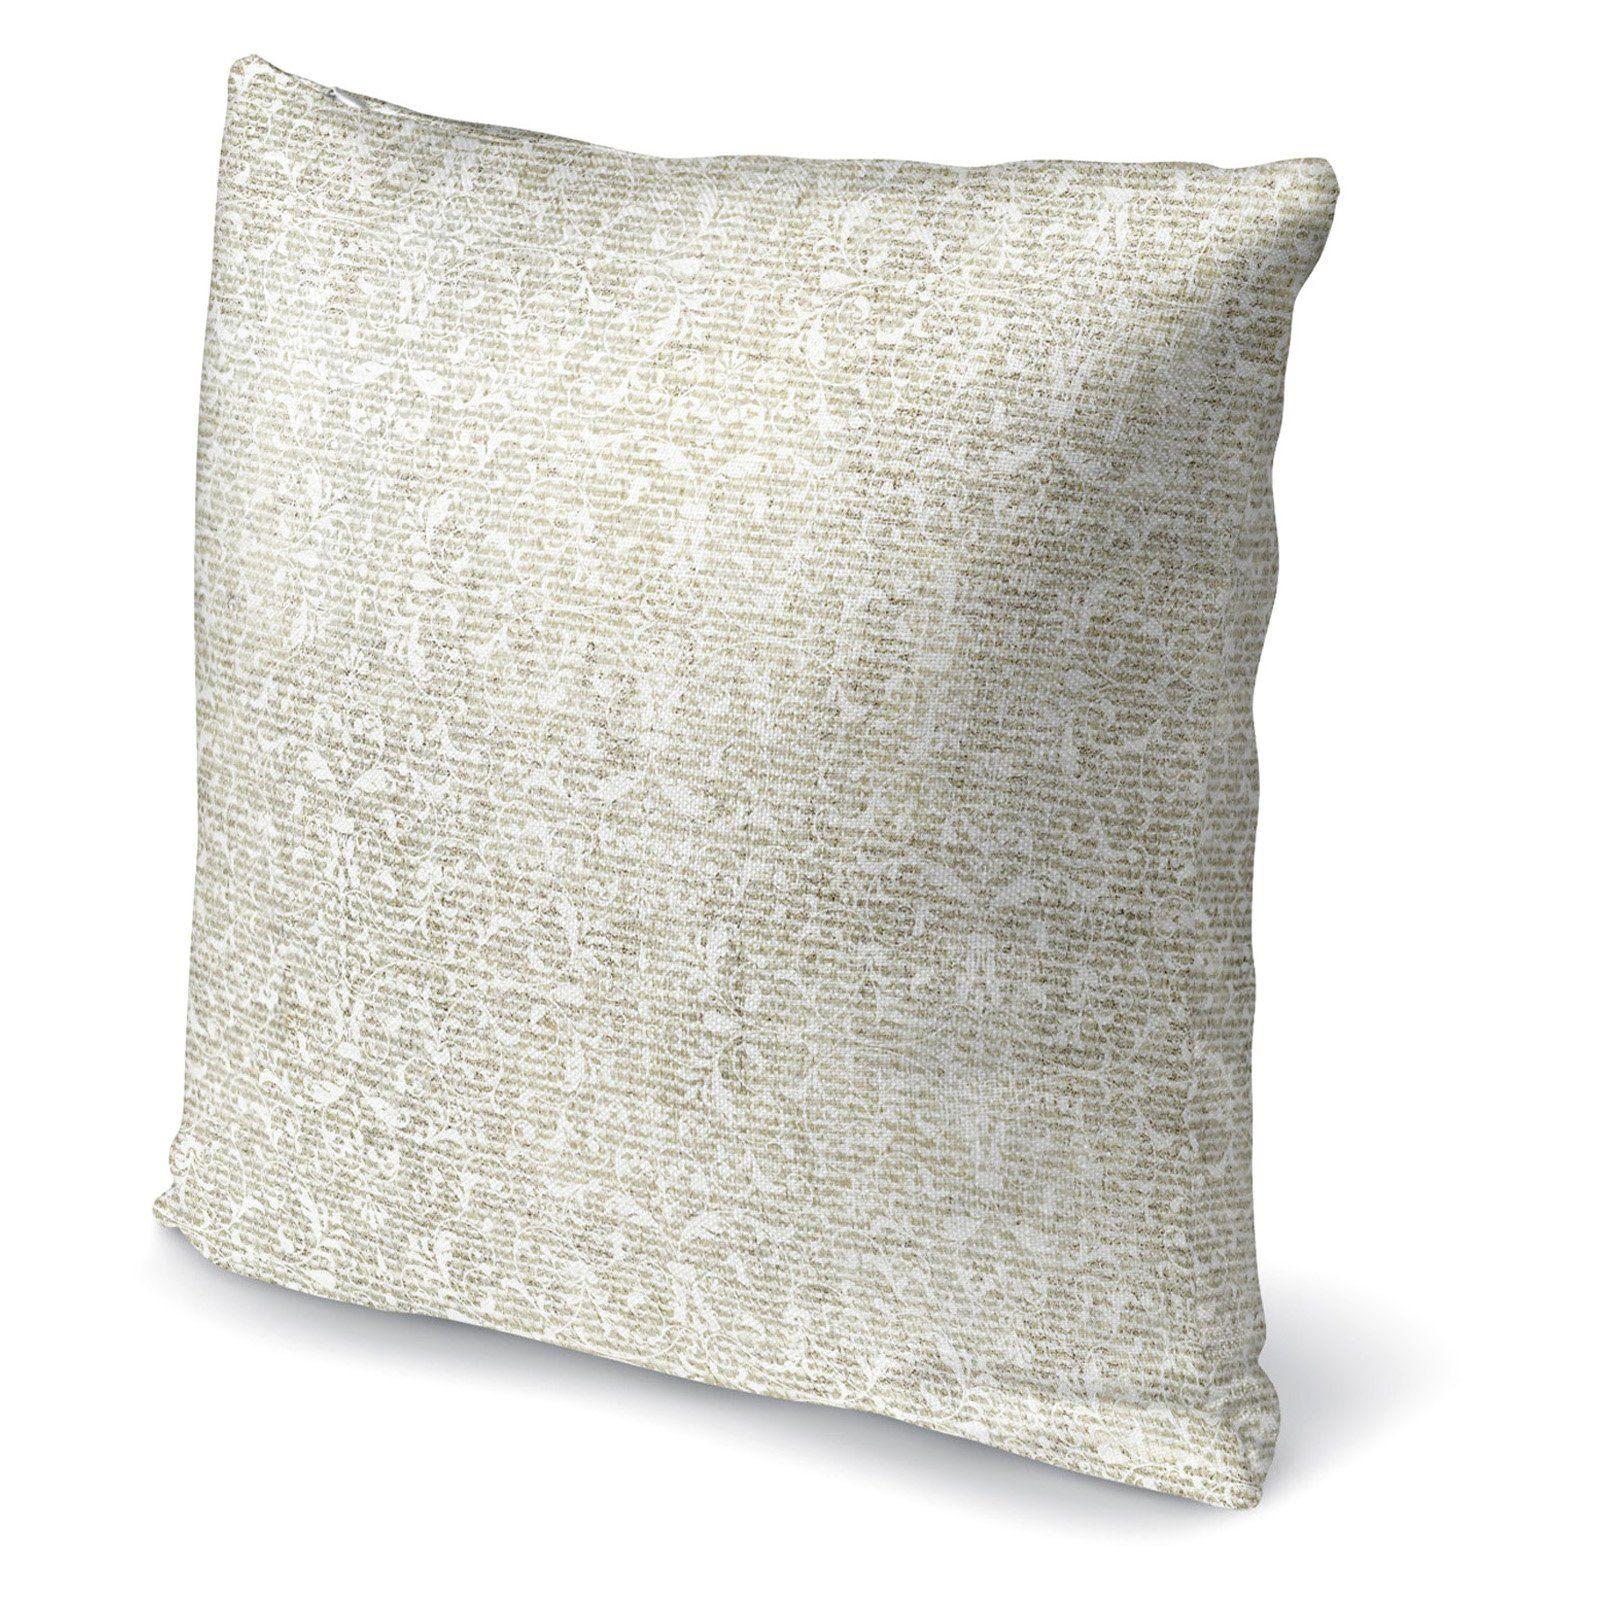 Kavka Designs Florence Accent Pillow  Idp Di16 16X16 Tel1441